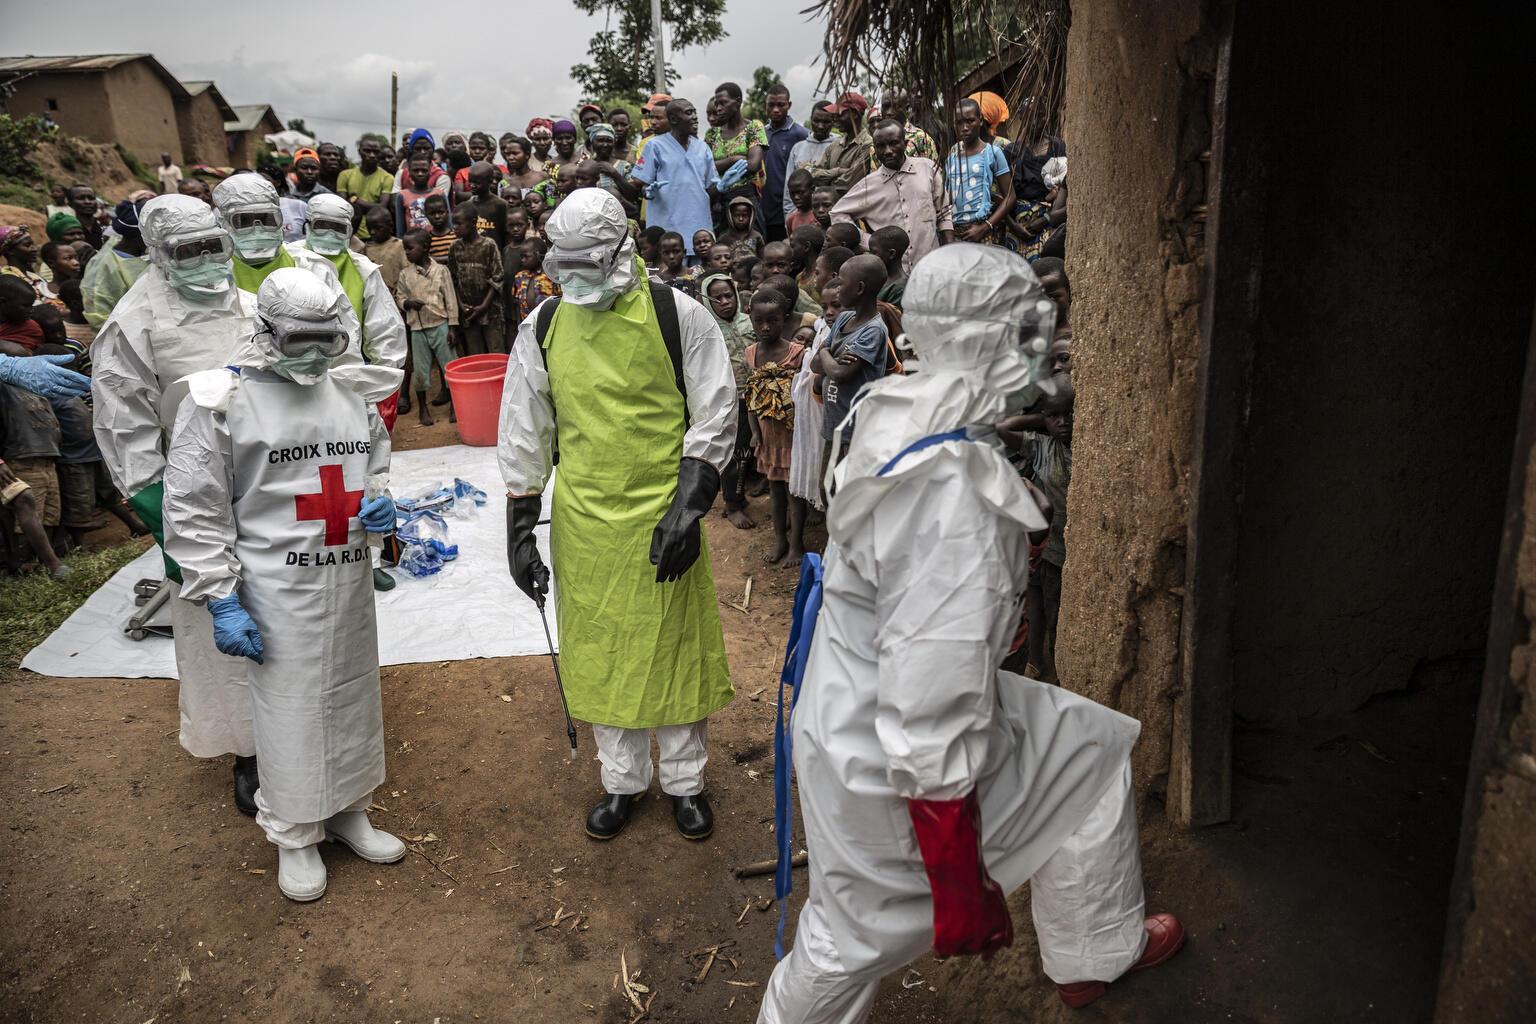 «Congo in Conversation» de Finbarr O'Reilly. Des voisins et employés de la Croix-Rouge se préparent à enterrer une fillette de 11 mois décédée lors de l'épidémie d'Ebola au Nord-Kivu, février 2020.